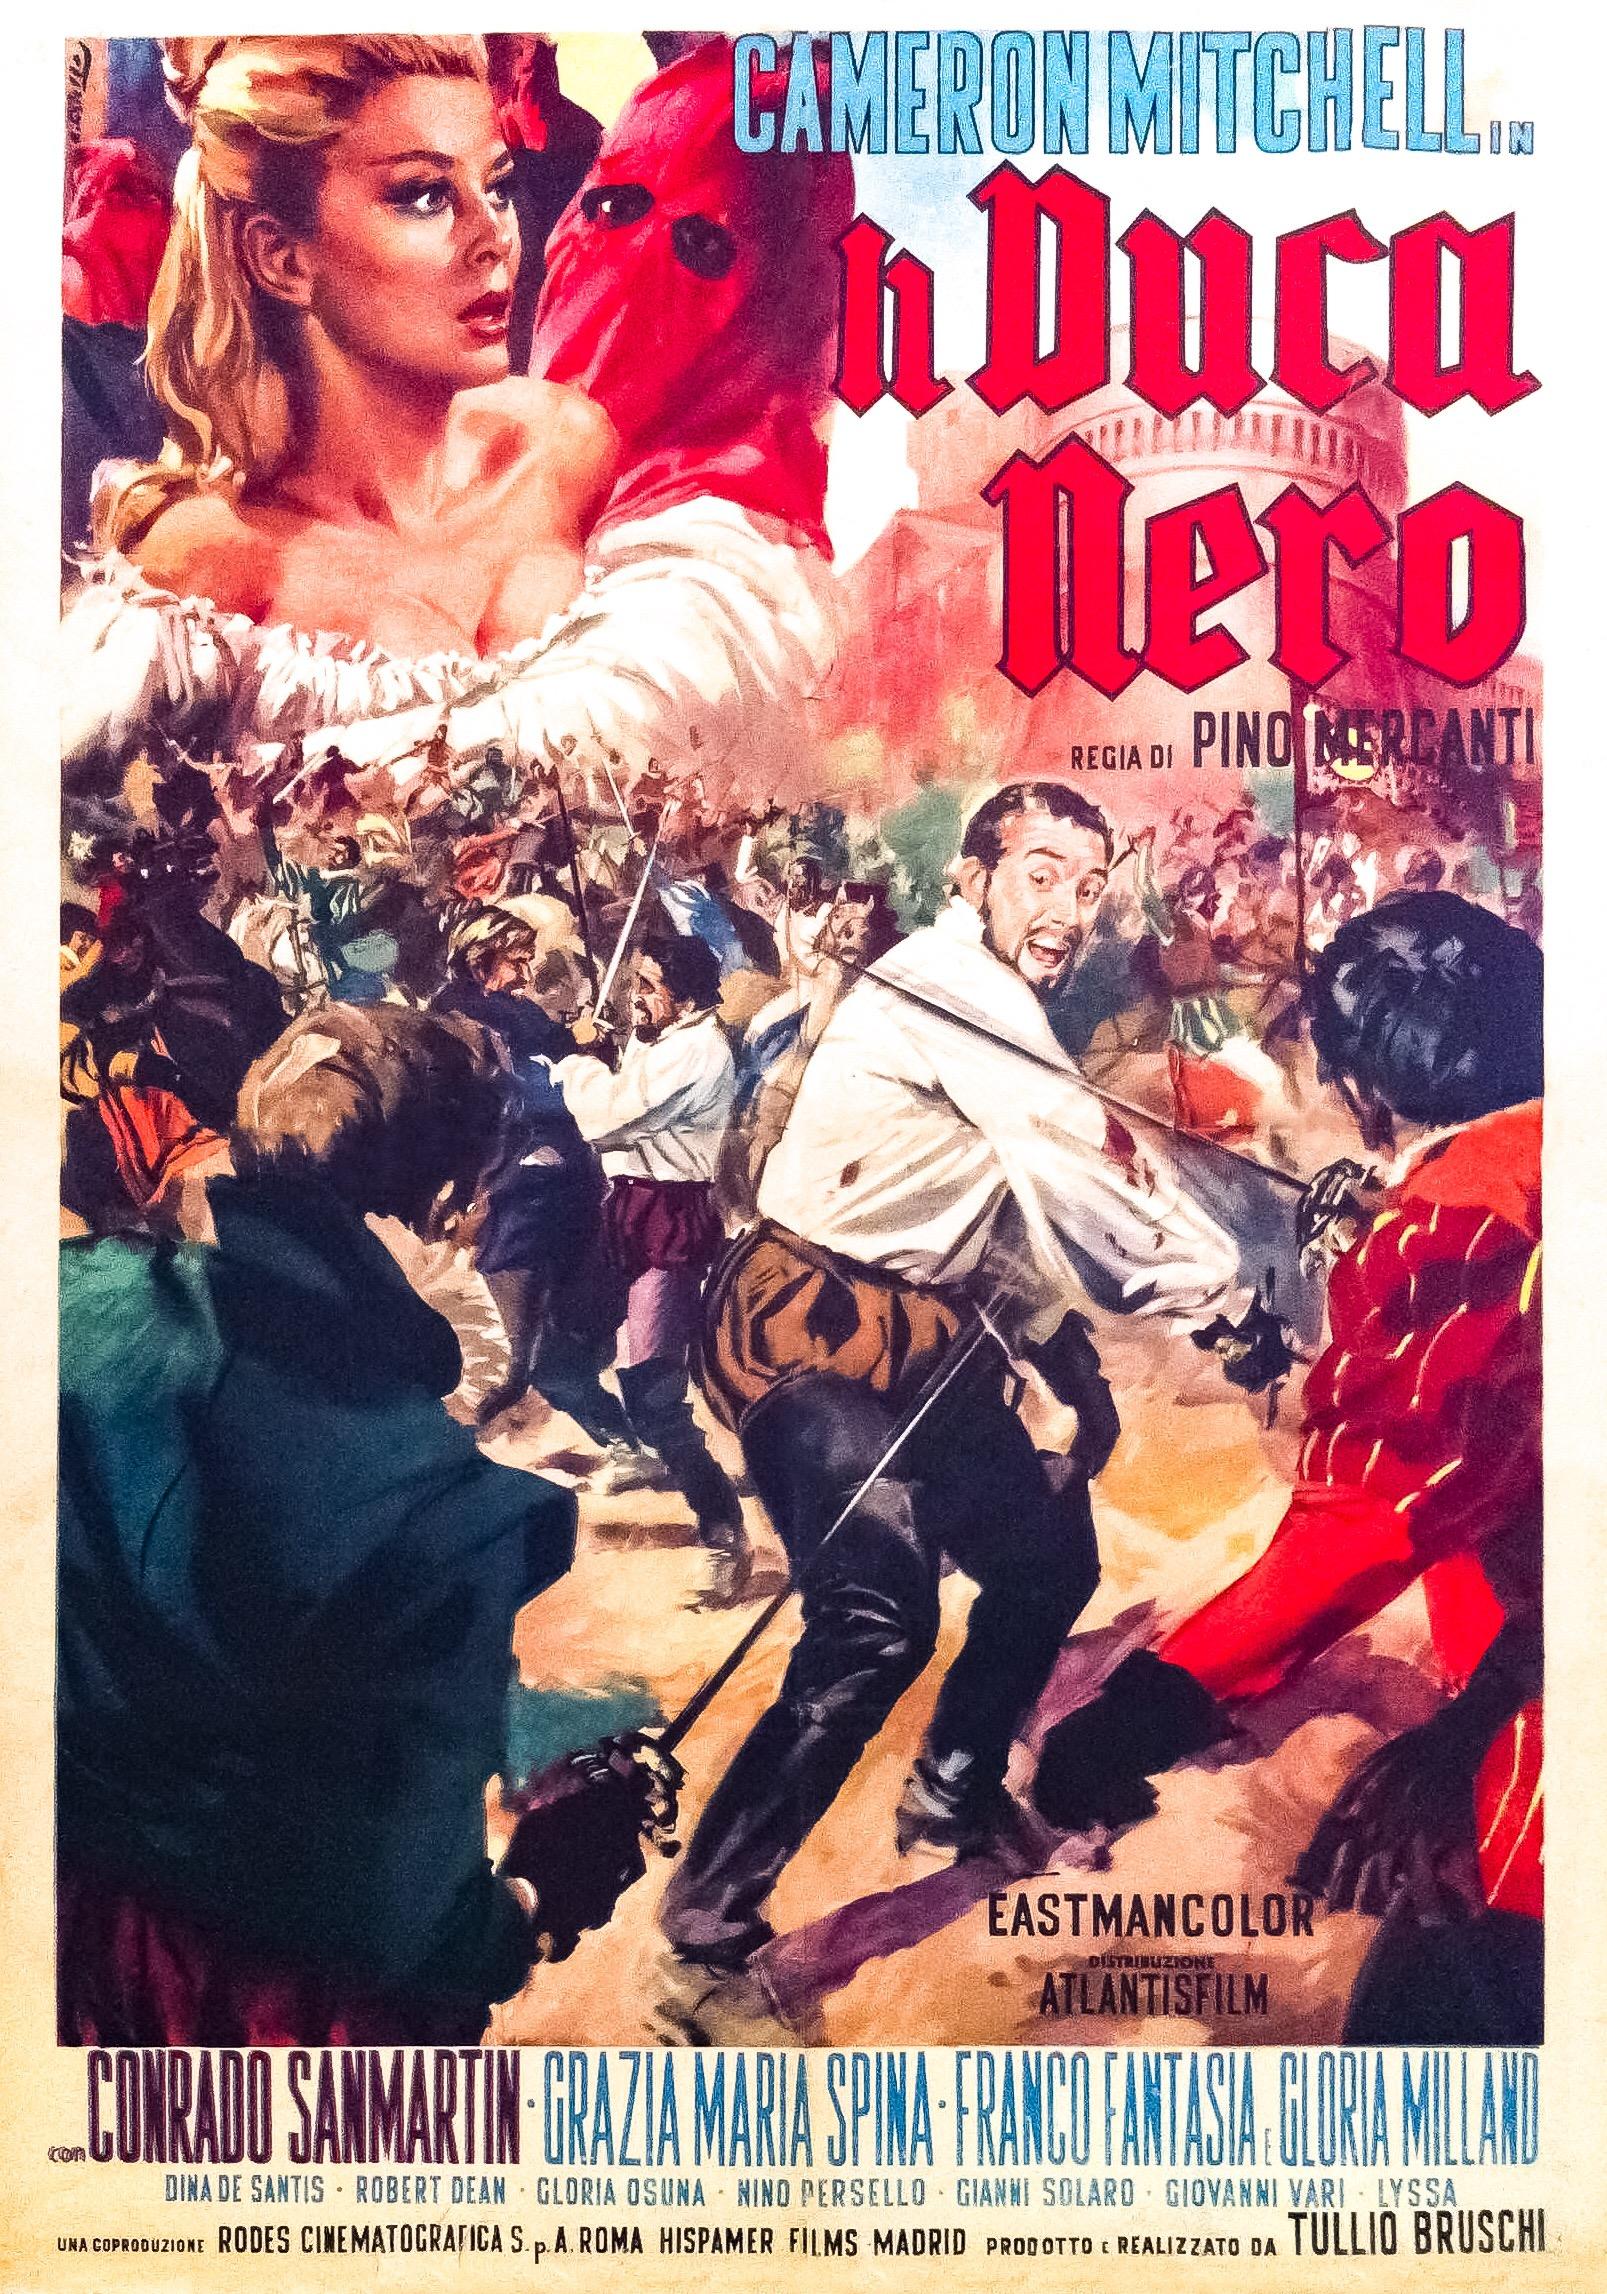 Tullio Bruschi, Franco Fantasia, Gloria Milland, Pino Mercanti, Cameron Mitchell, Conrado San Martín, and Maria Grazia Spina in Il duca nero (1963)